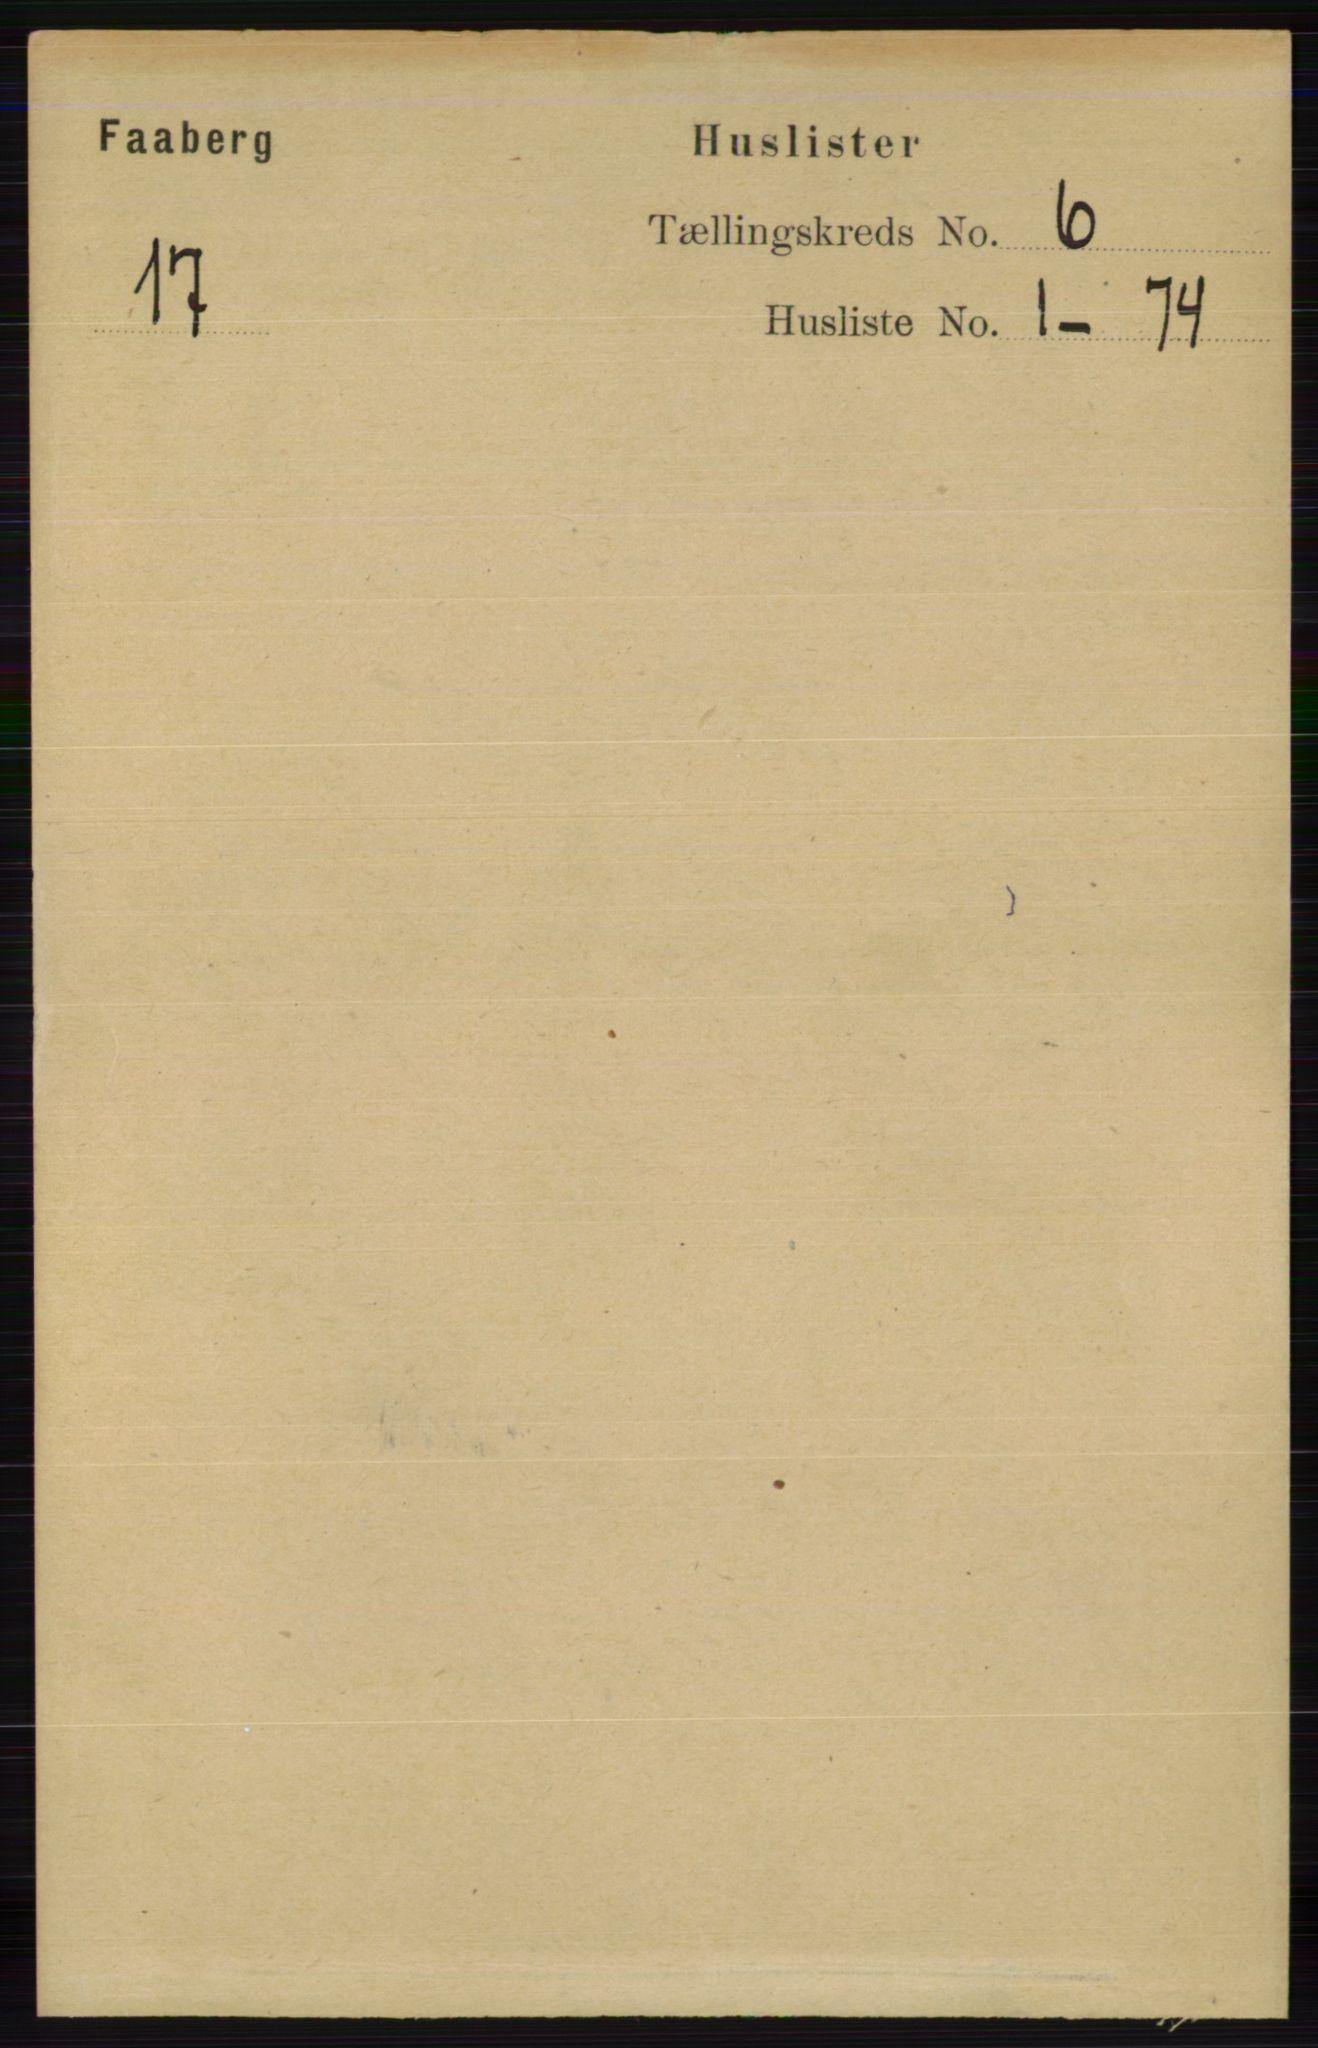 RA, Folketelling 1891 for 0524 Fåberg herred, 1891, s. 2140